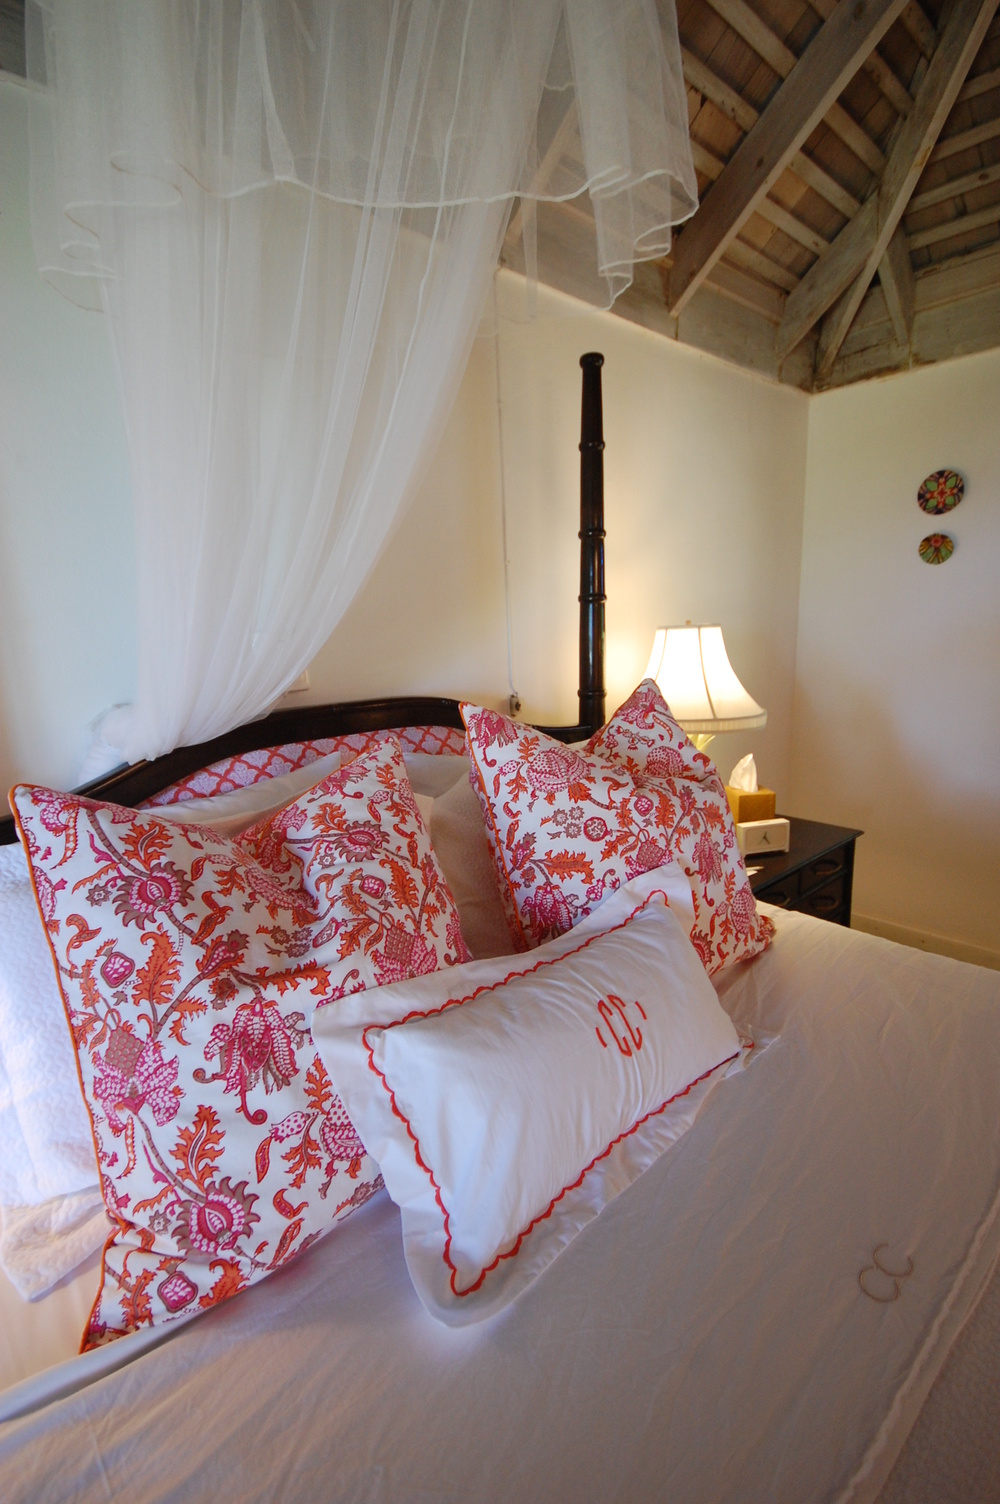 prix d une v randa de 25m2. Black Bedroom Furniture Sets. Home Design Ideas